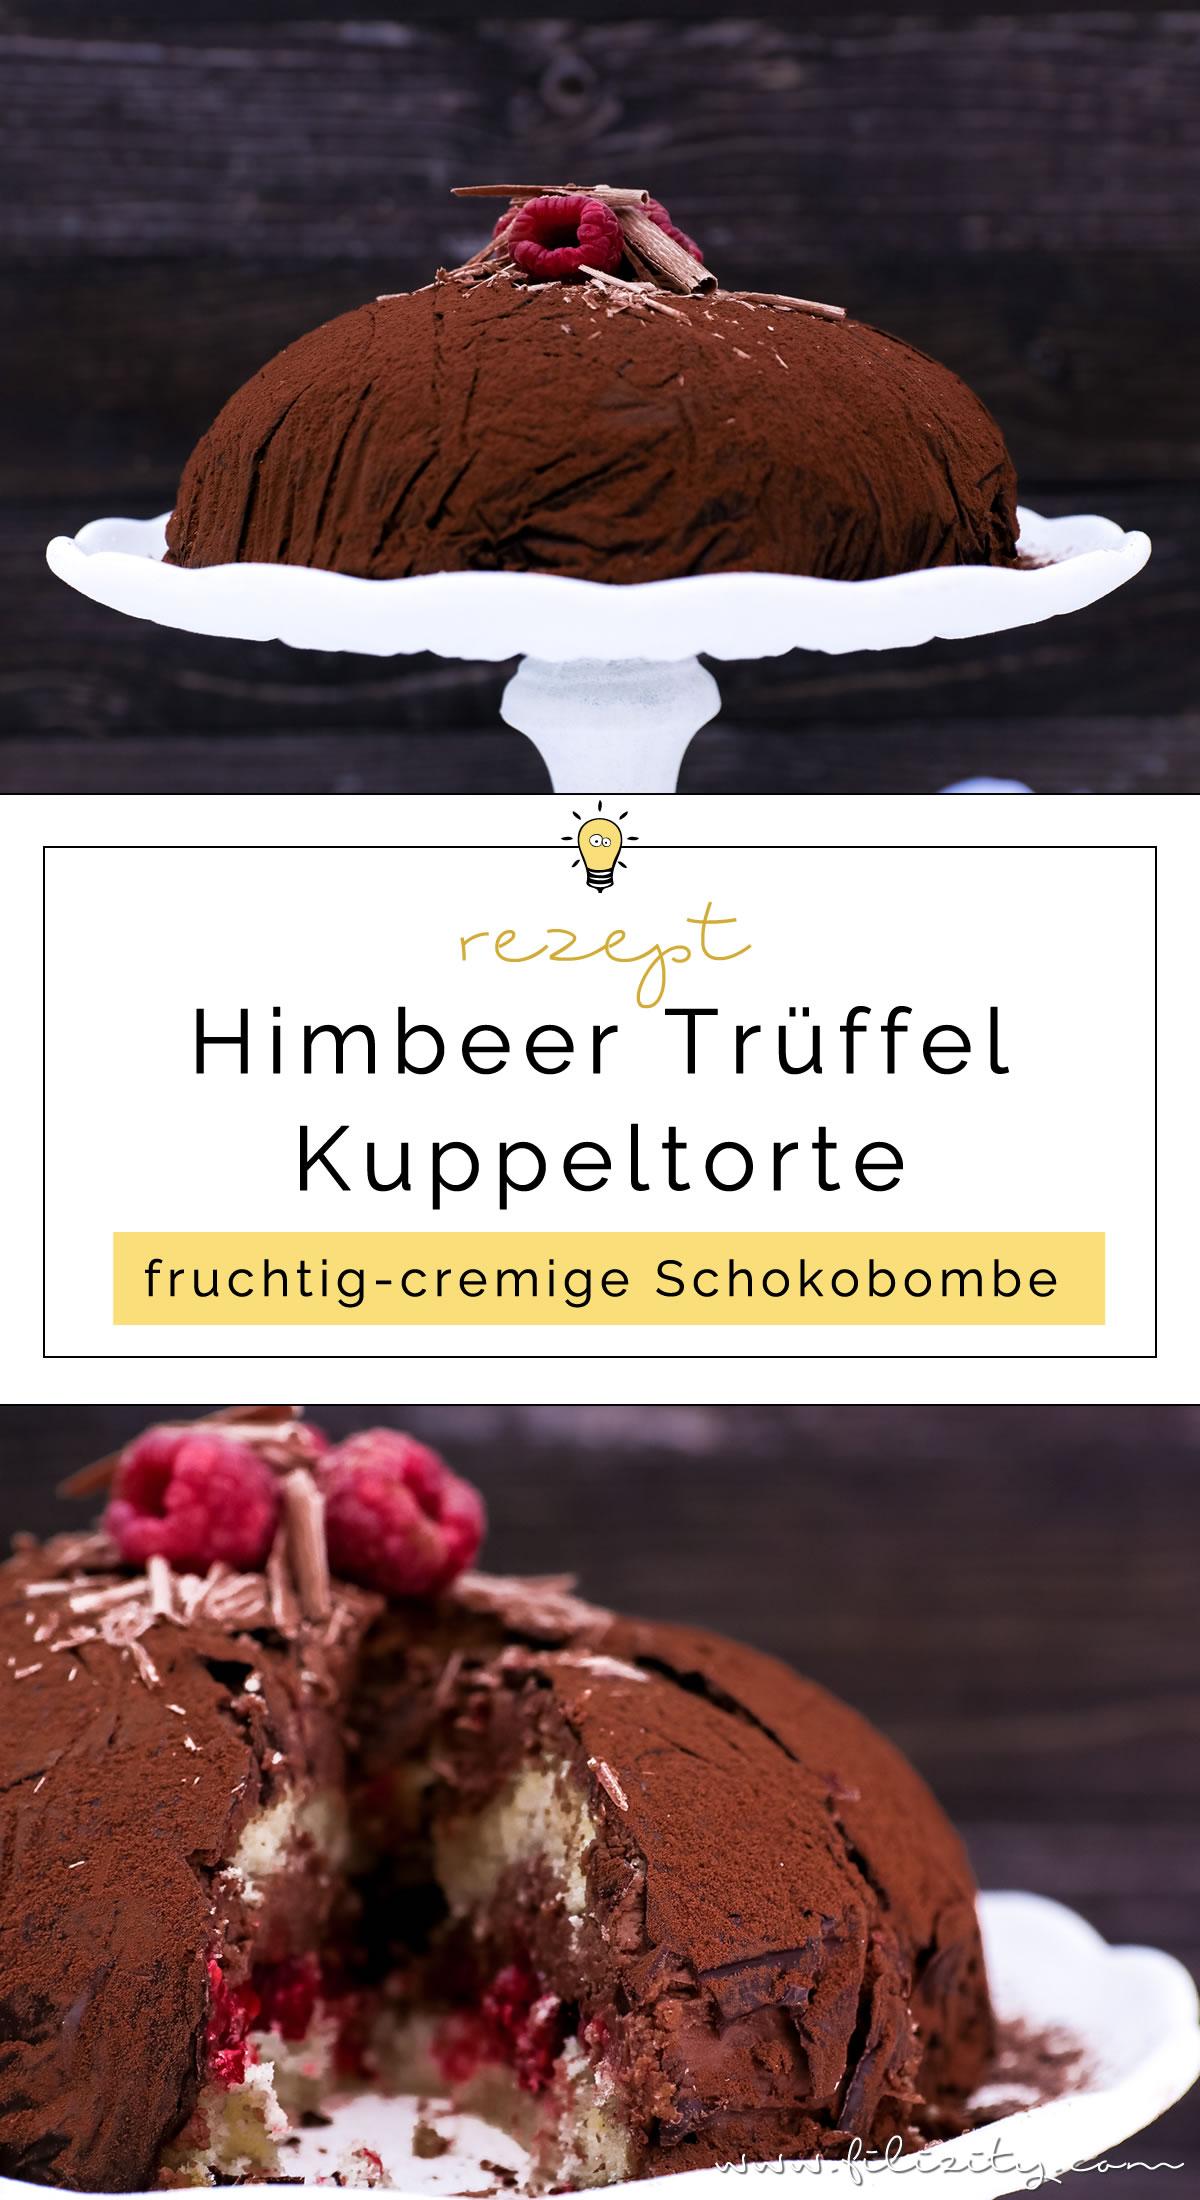 Für Schoko-Junkies: Himbeer-Trüffel-Torte | Perfektes Dessert für besondere Anlässe wie Valentinstag oder Muttertag | Filizity.com | Food-Blog aus dem Rheinland #schokolade #chocolate #torte